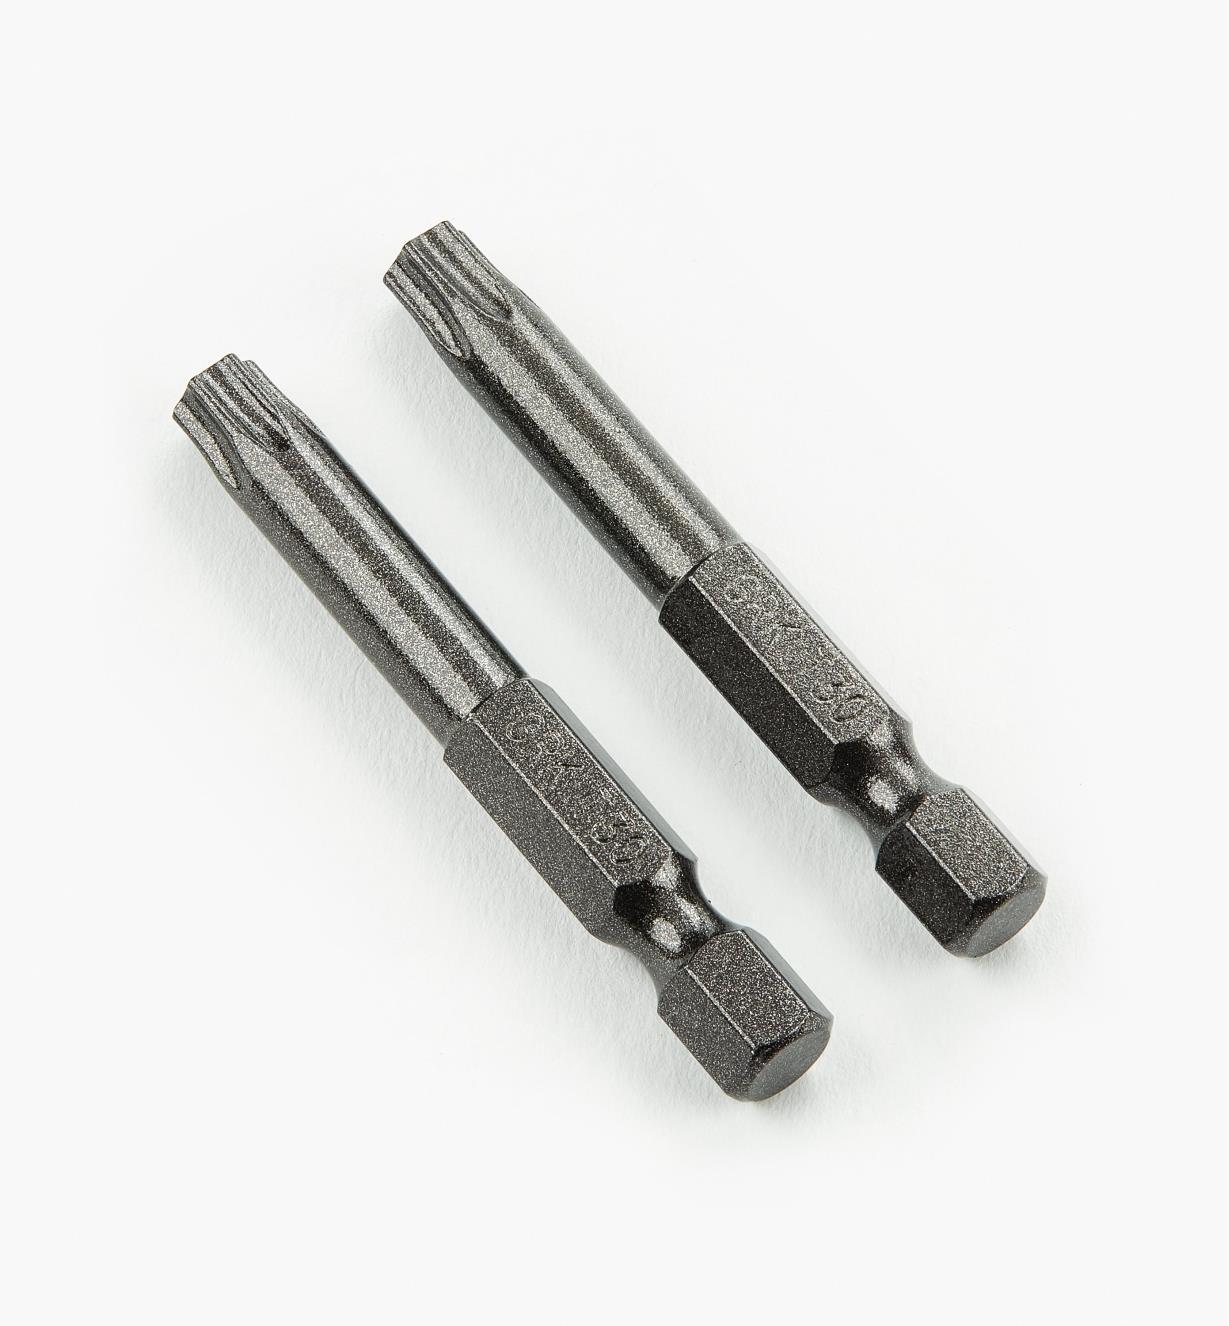 93Z0142 - Torx T-30 x 2 po noir, la paire